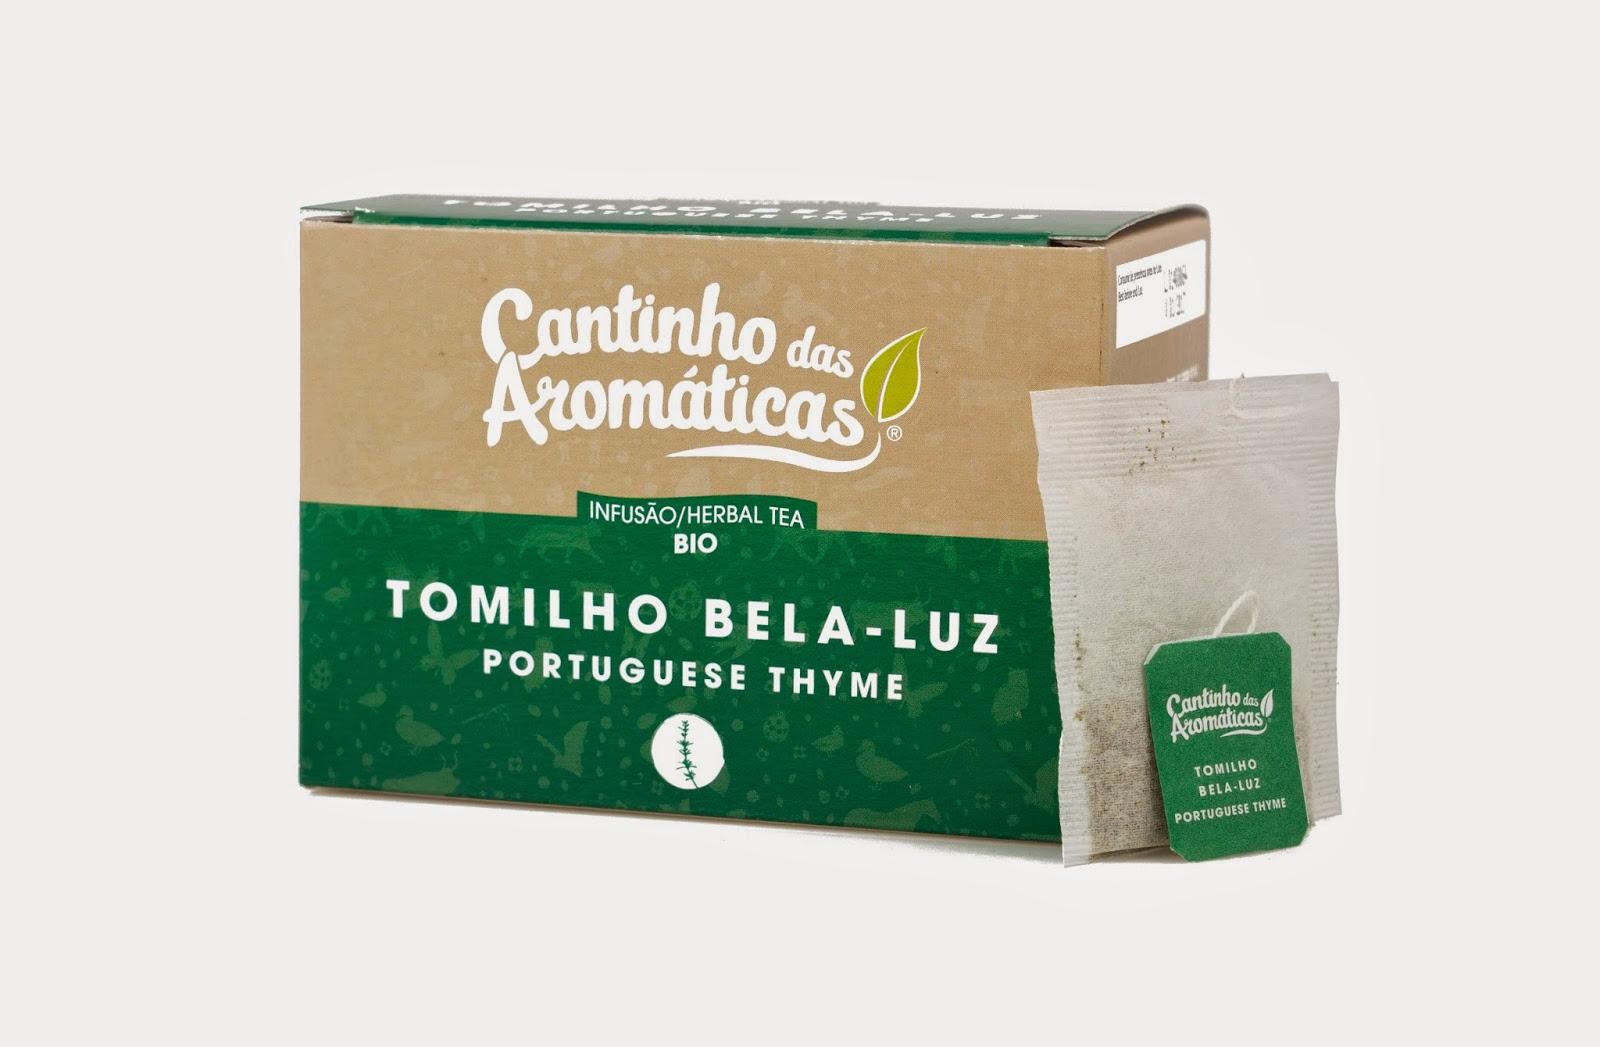 http://www.cantinhodasaromaticas.pt/loja/infusoes-bio-em-saquetas/tomilho-bela-luz-infusao-bio-em-saquetas/